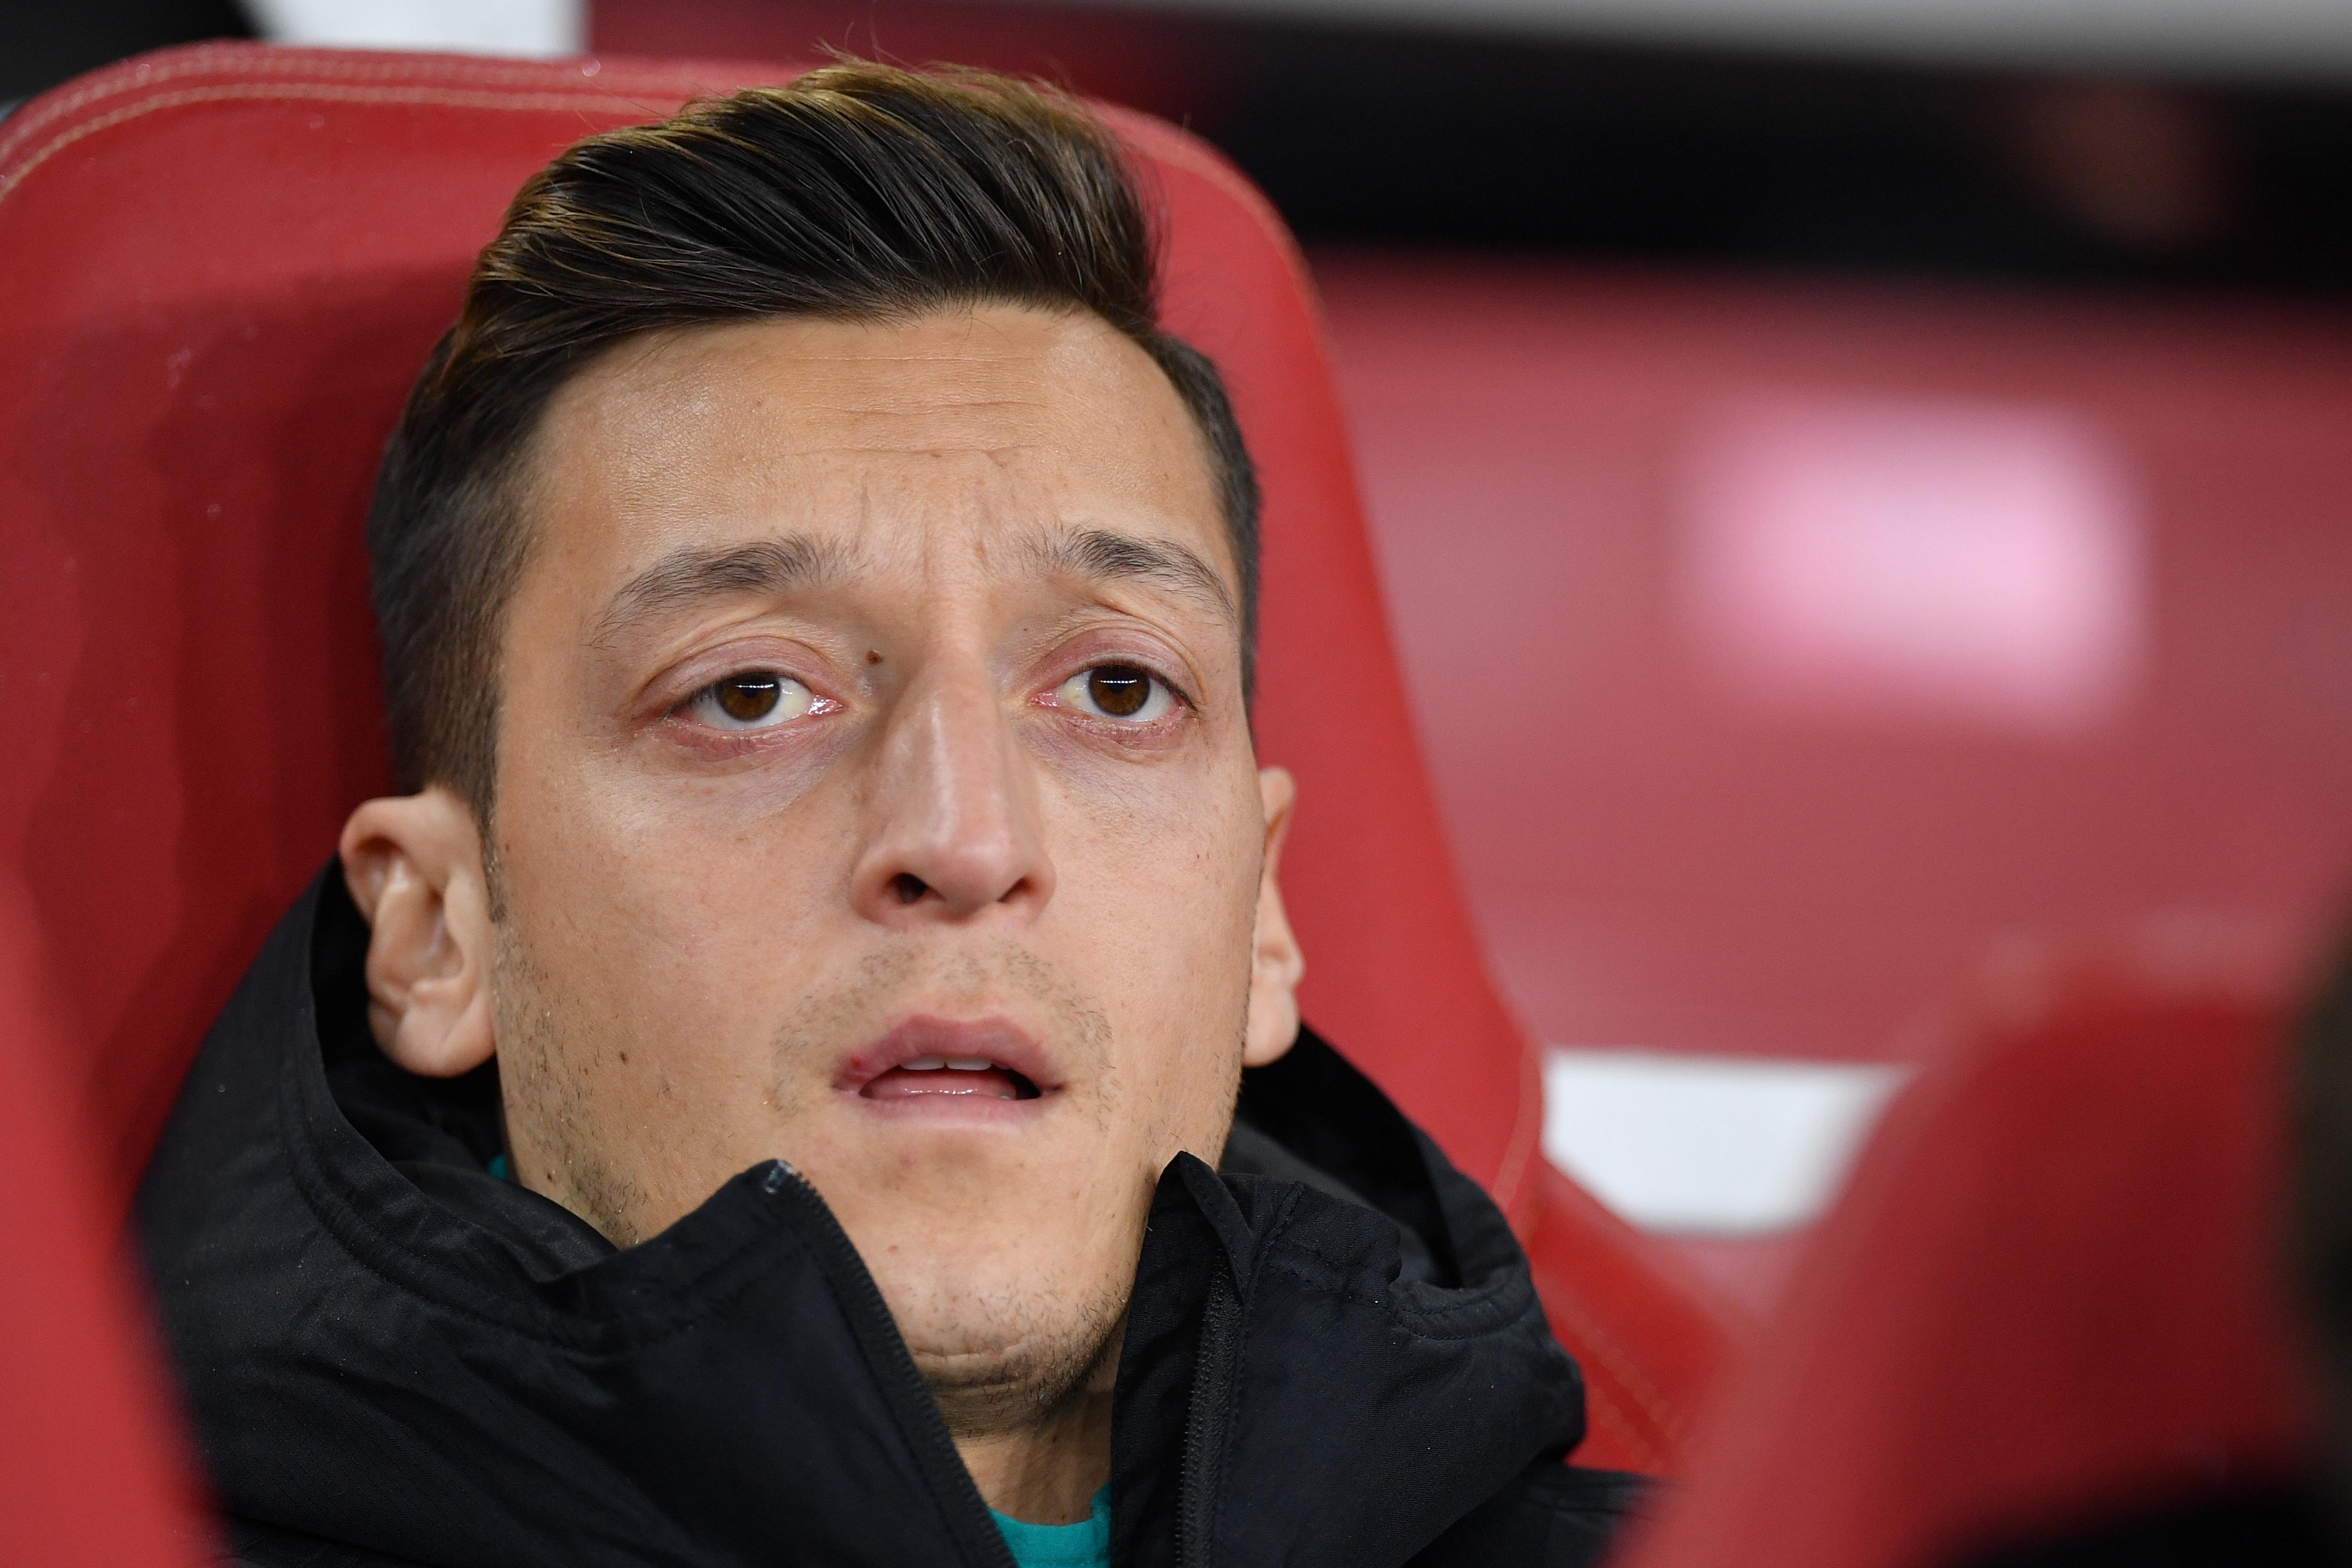 Kínában nem lehetett megnézni az Arsenal meccsét, mert Özil kiállt az ujgurok mellett